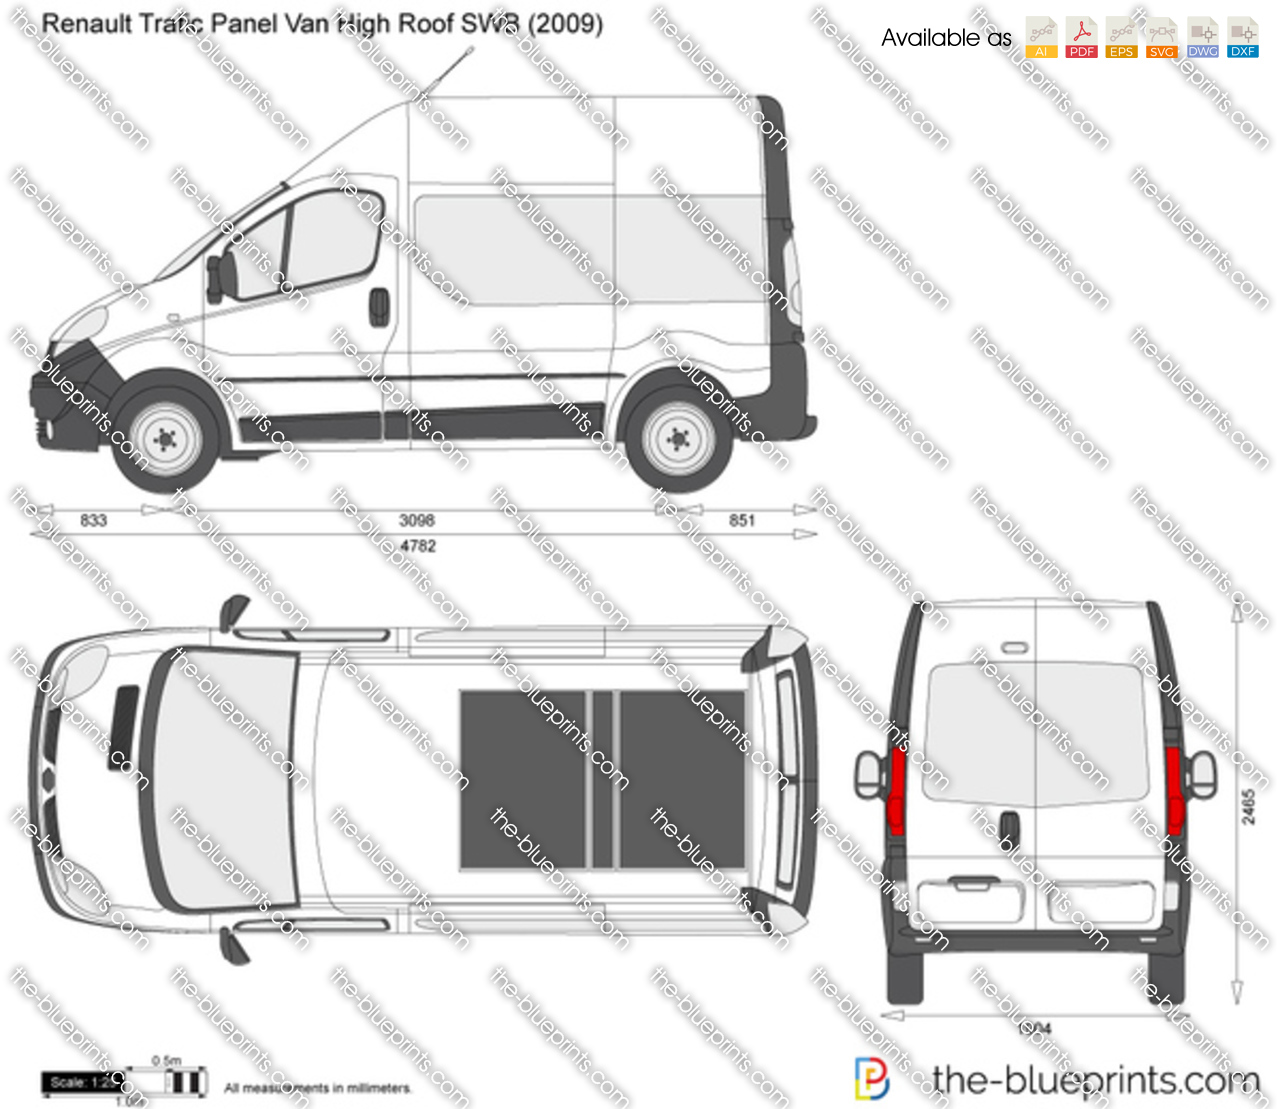 panel van dimensions images. Black Bedroom Furniture Sets. Home Design Ideas